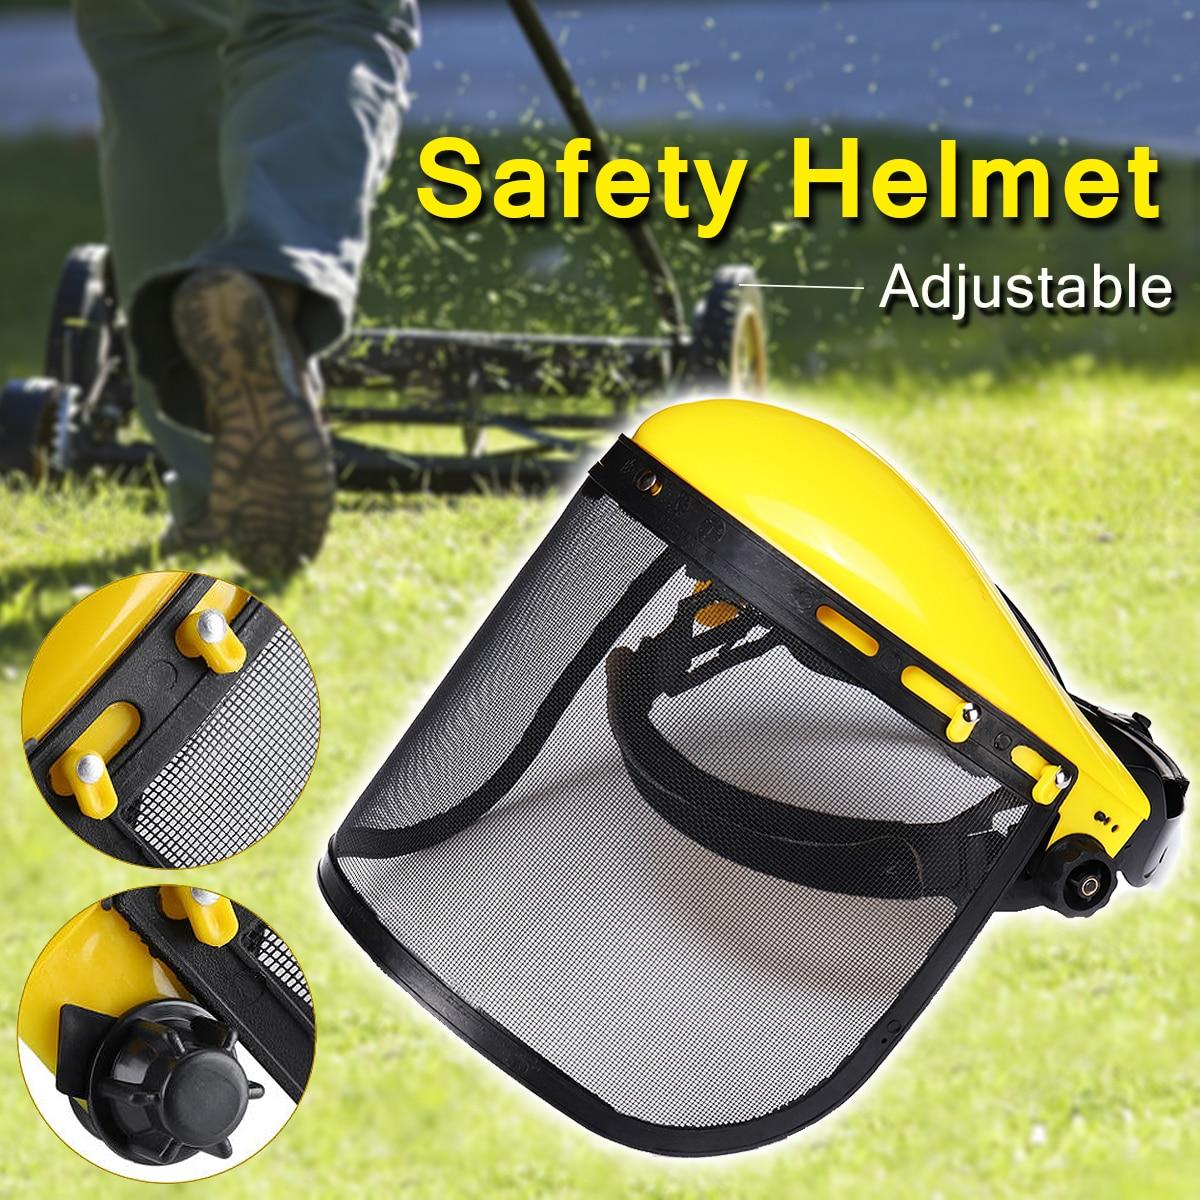 Kettensäge Sicherheit Helm Hut Protokollierung Brushcutter Forstwirtschaft Visier Schutz